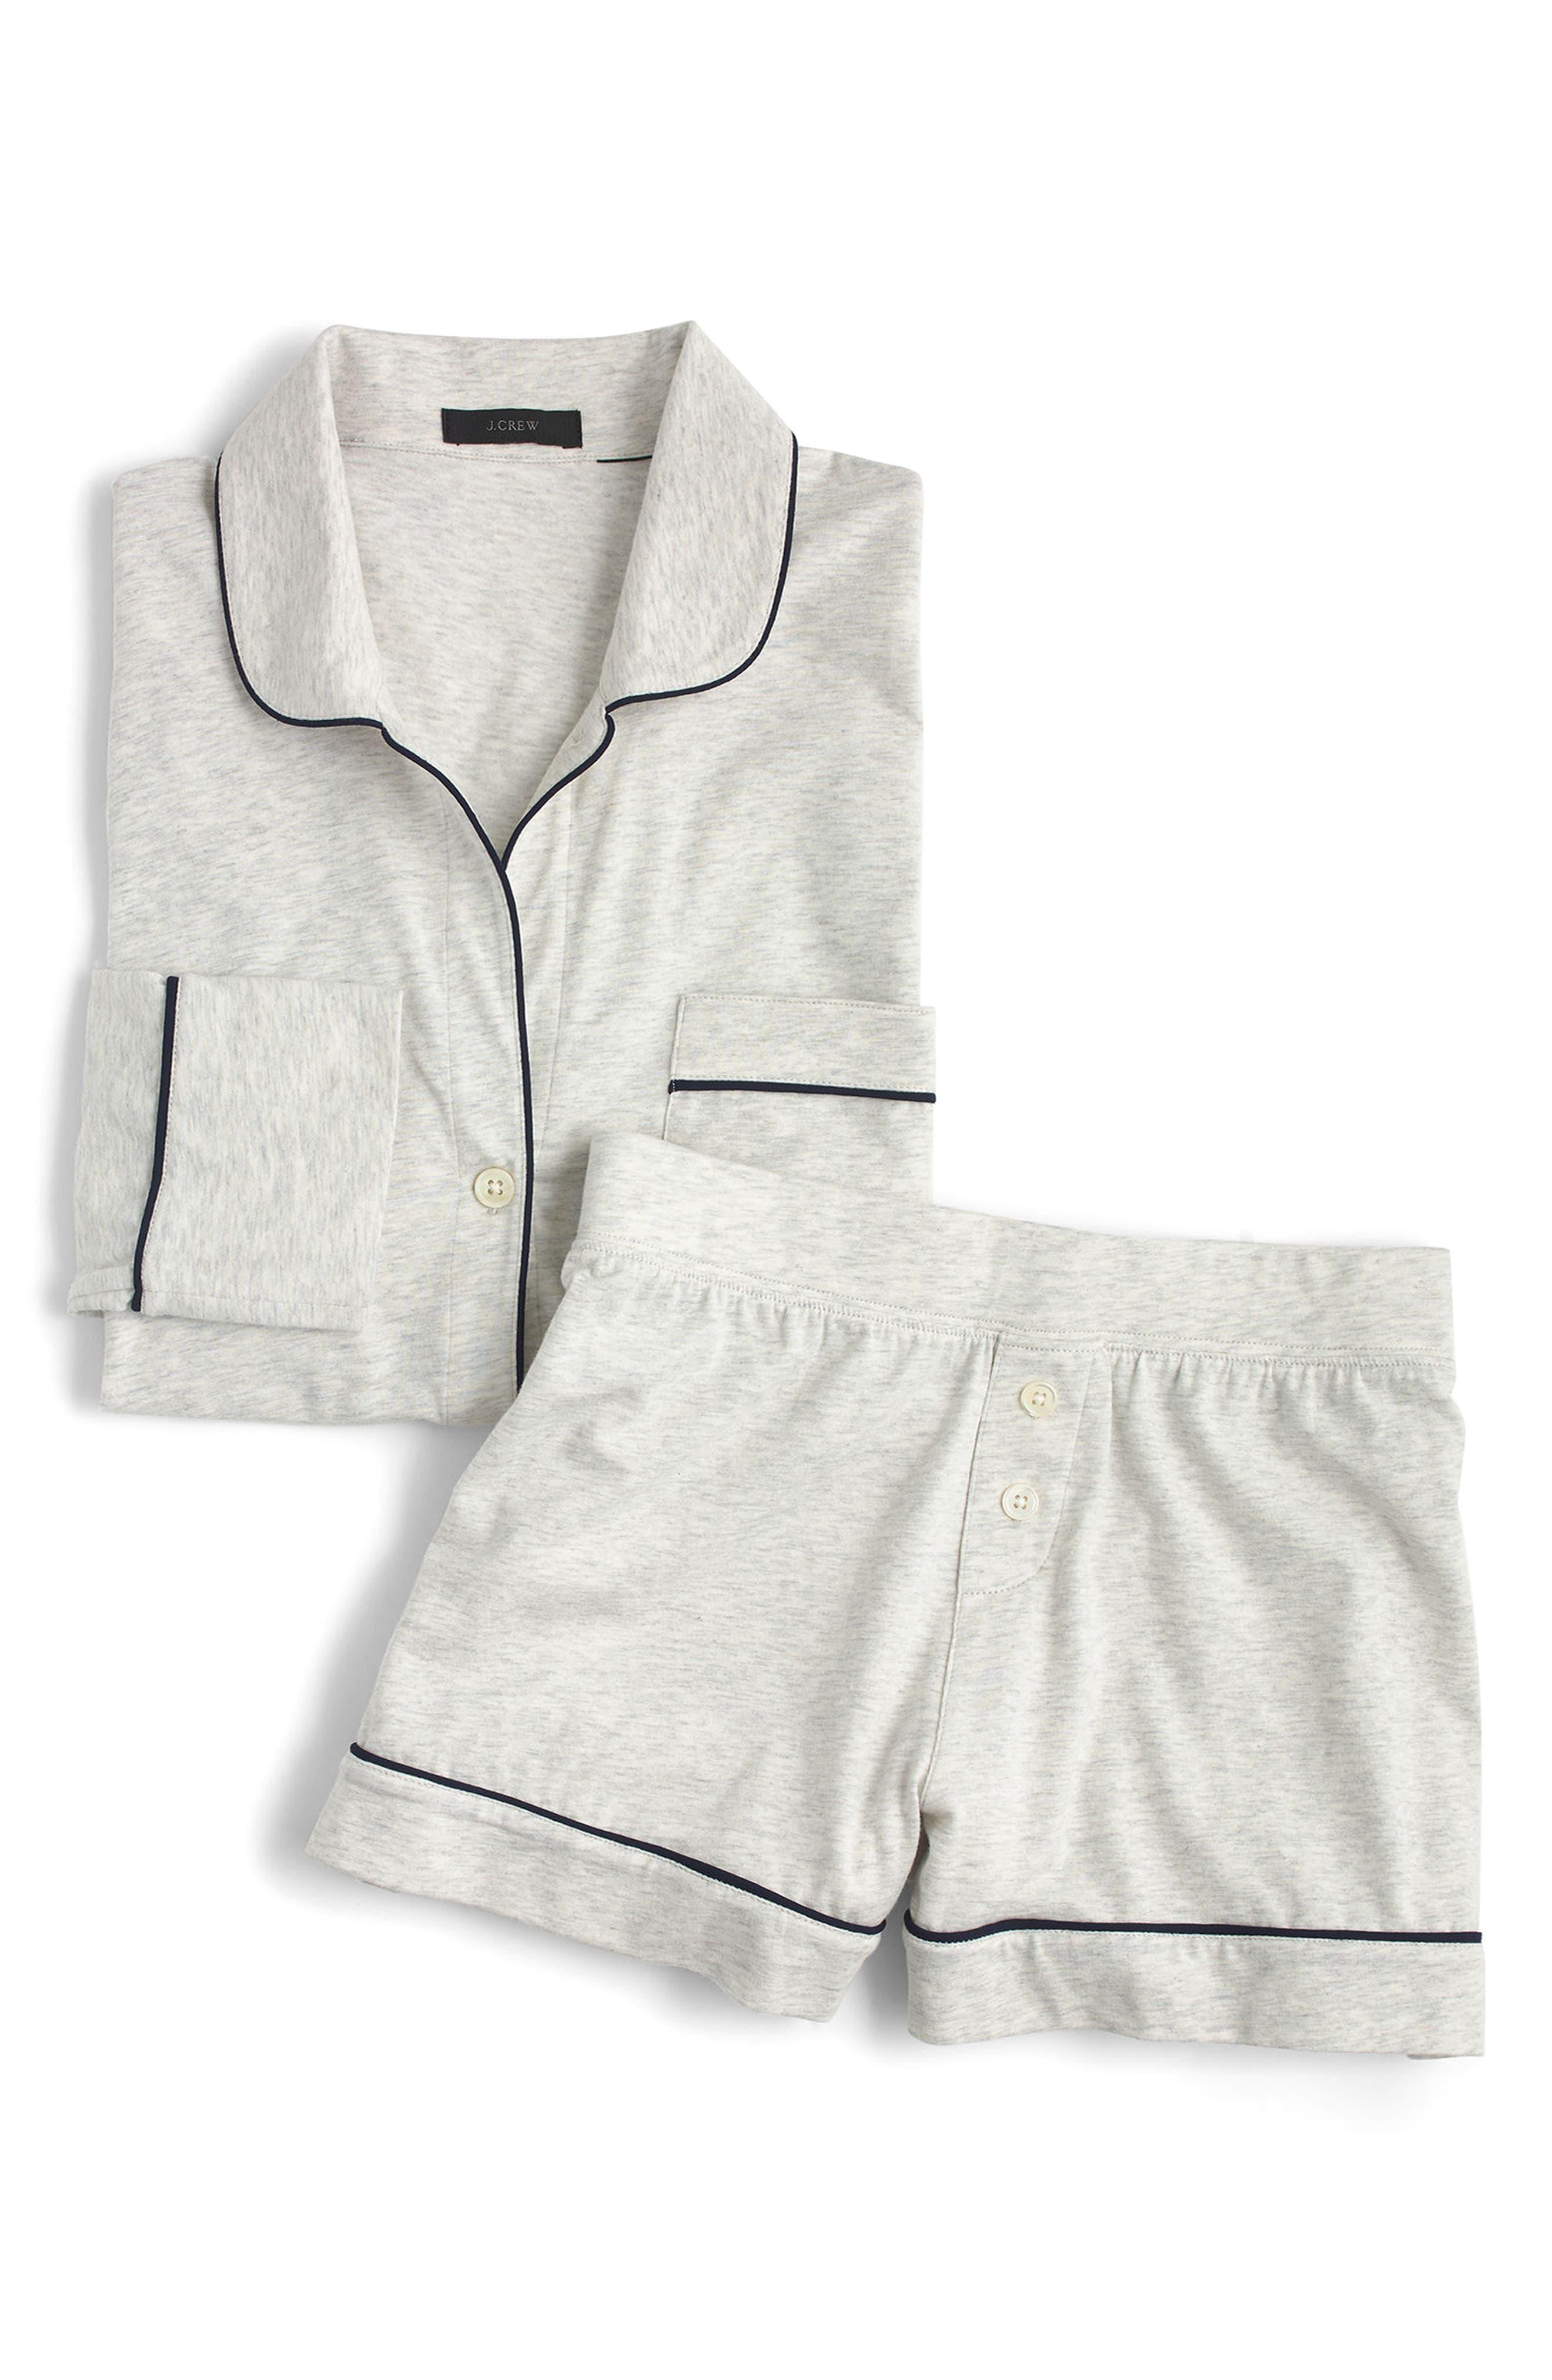 J.CREW, Dreamy Short Cotton Pajamas, Alternate thumbnail 2, color, HEATHER CLOUD